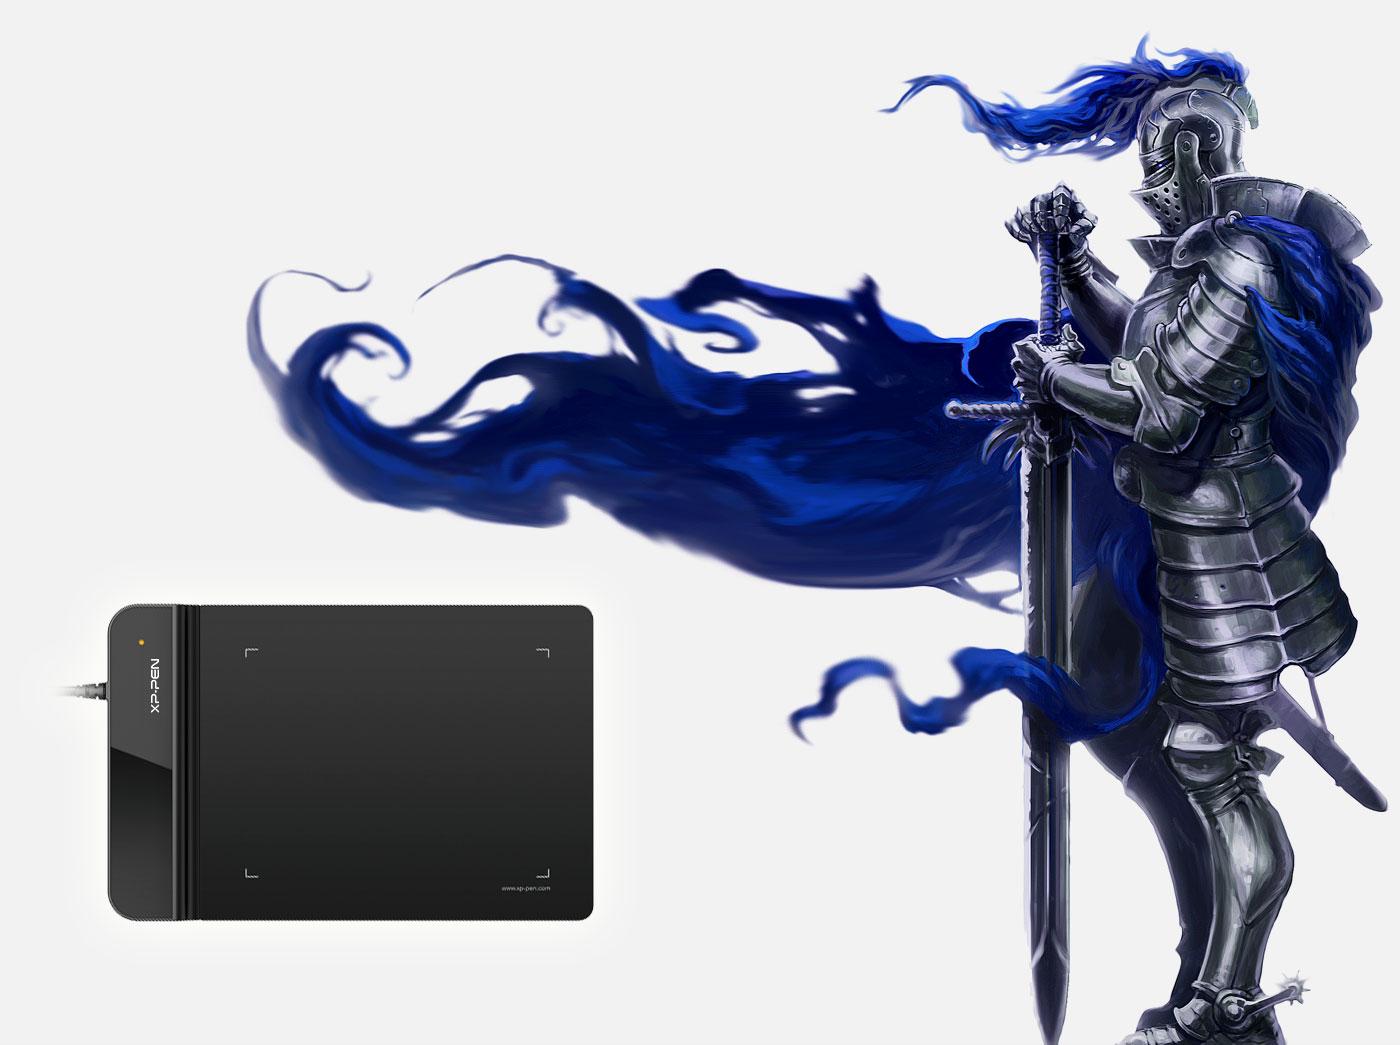 Tamaño compacto y rendimiento incompatible Con Tableta gráfica XP-Pen Star G430S